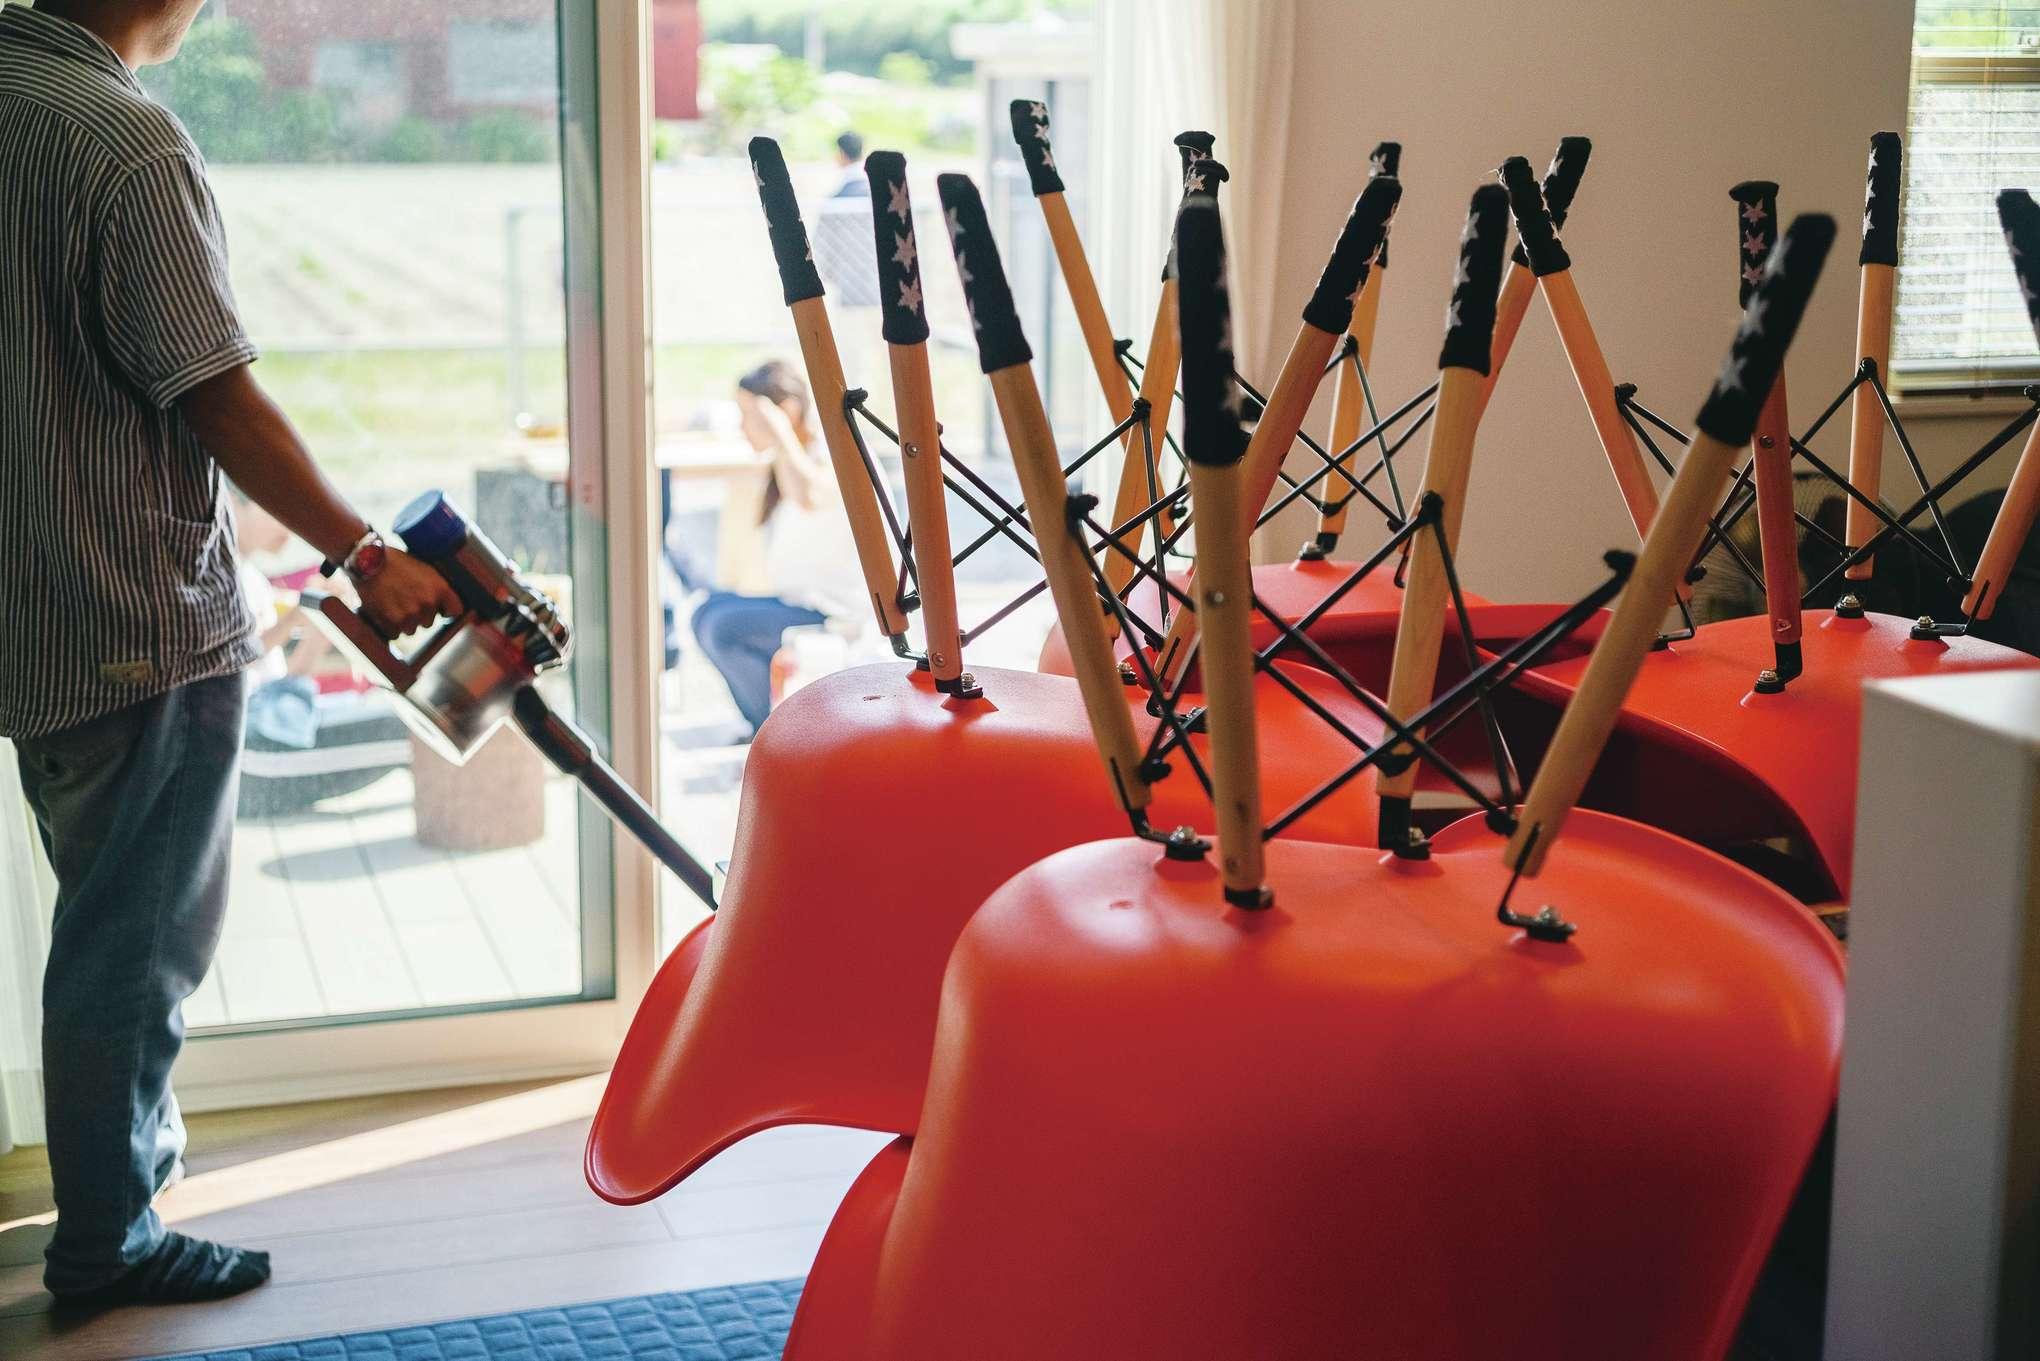 suzukuri 浜松店【デザイン住宅、インテリア、趣味】家族を送り出した後、ダイニングの椅子を上げて掃除するのが奥さまの日課